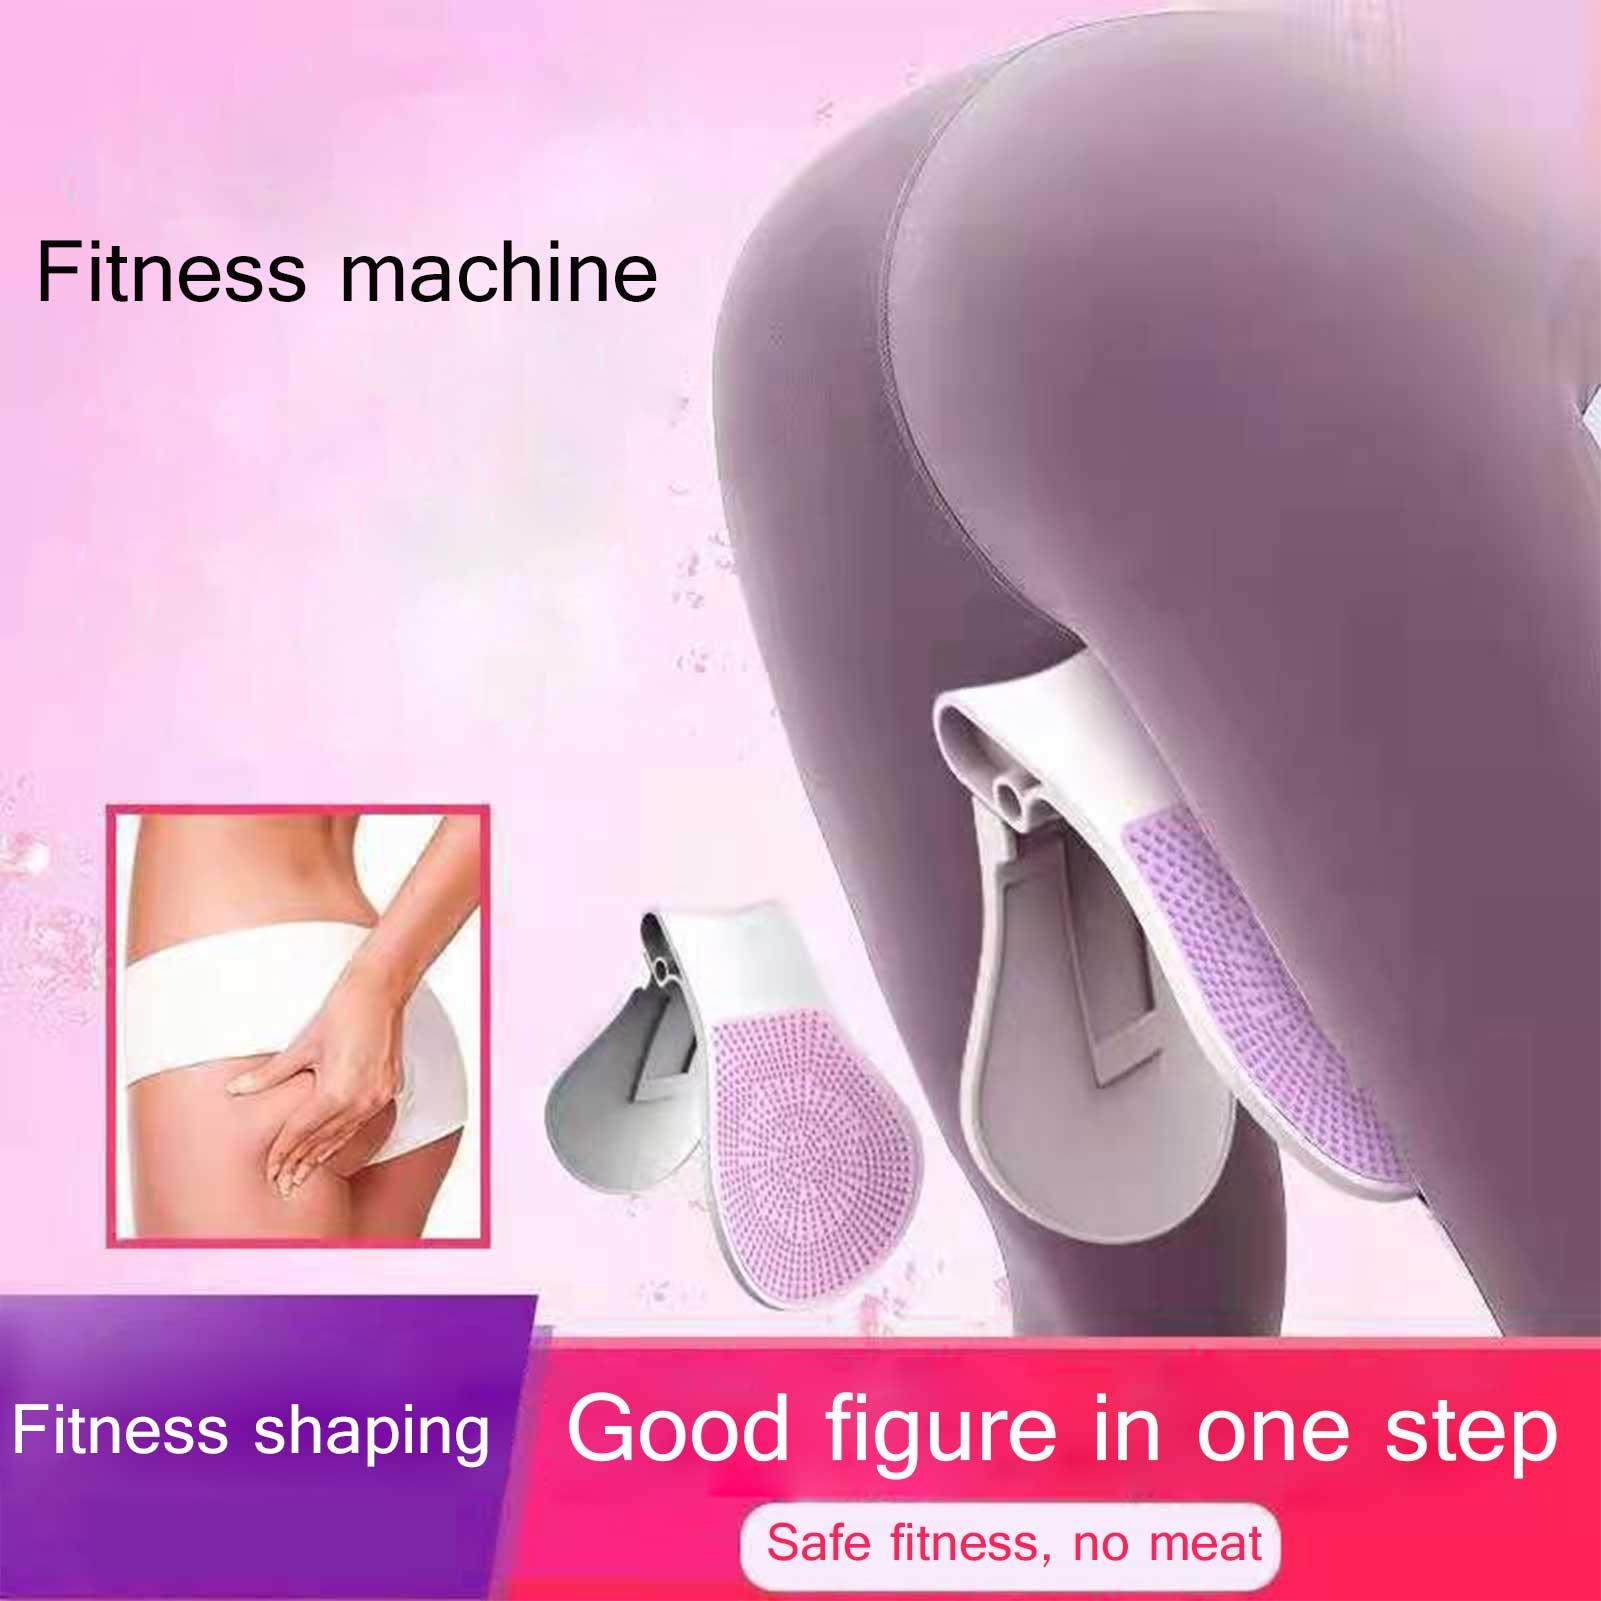 Тренажер для бедер тренажер для ног тазового дна пикантные внутренней части бедра, который поможет избавиться от мочевого пузыря Управлени...